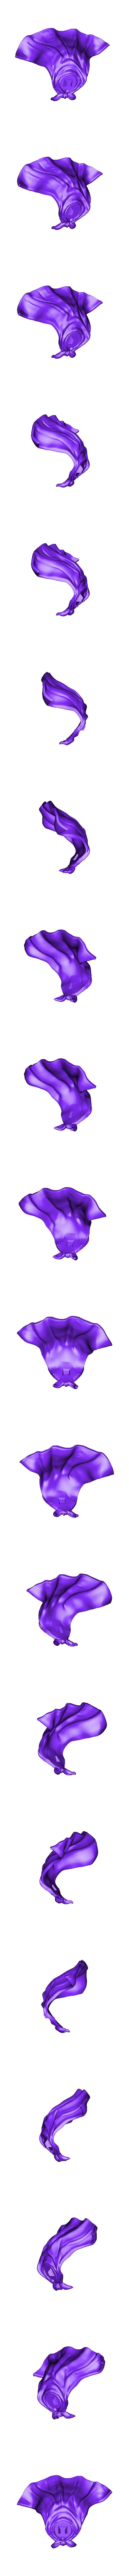 Fat_Buu_-_Cap.stl Télécharger fichier STL gratuit Fat Buu - Dragon Ball • Plan imprimable en 3D, BODY3D